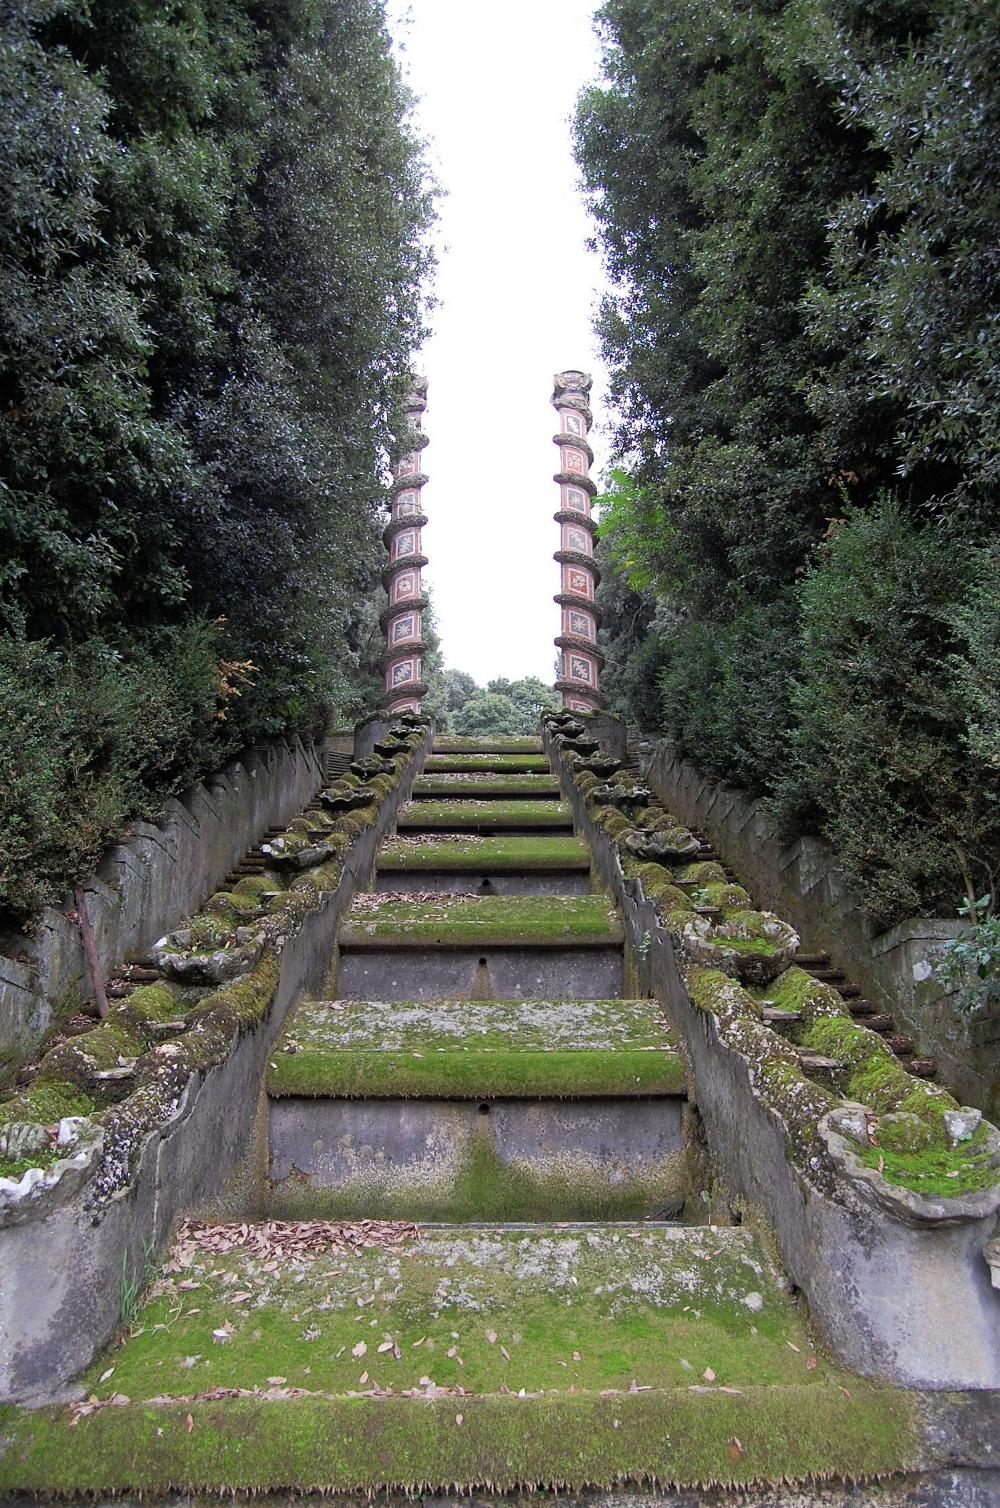 rocaille-blog-villa-aldobrandini-frascati-giardino (29)